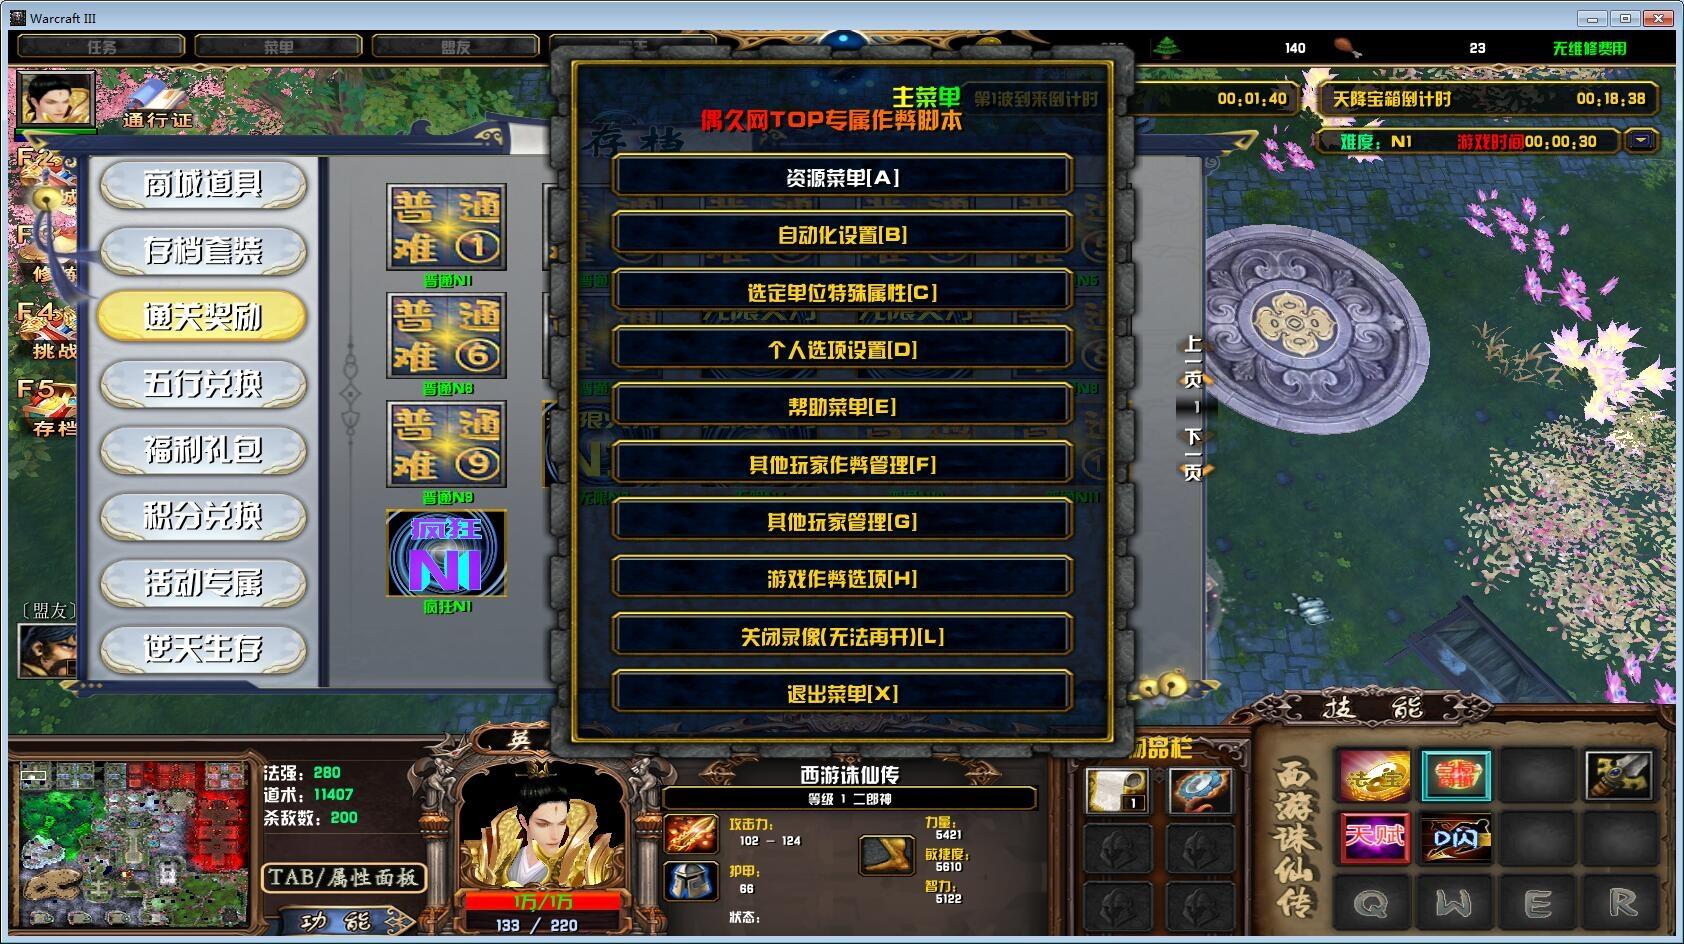 西游诛仙传1.3.9TOP破解 解锁全英雄+全商城特权+存档通关道具+超神话混沌珠+刷物品